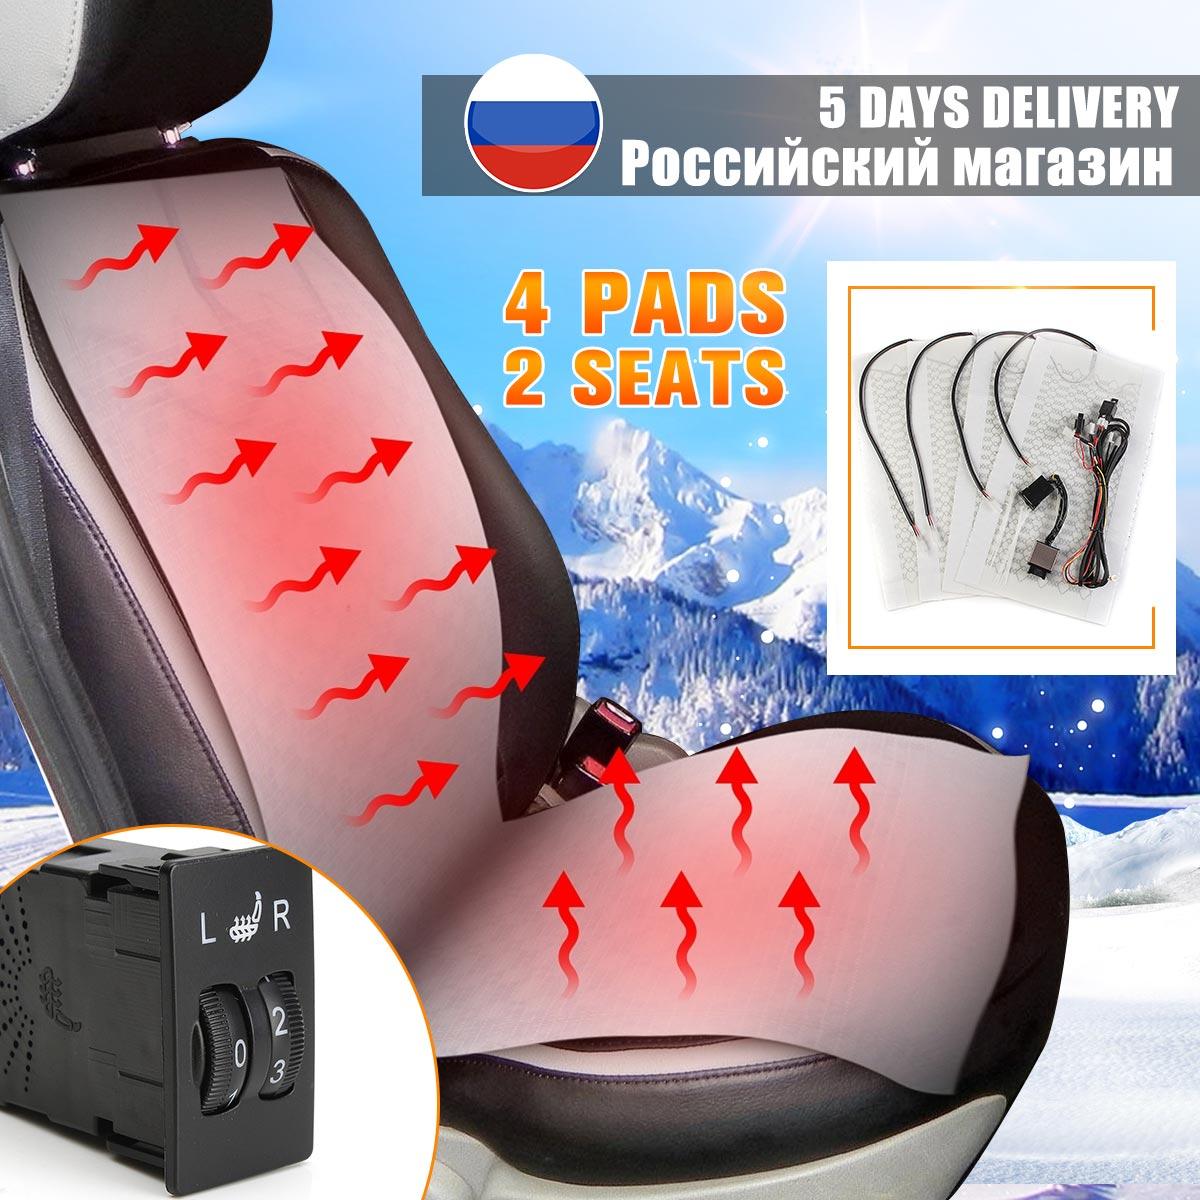 Assentos 2 4 12 V Almofadas Almofadas de Fibra De Carbono Aquecedor de Assento Aquecido Universal 2 Dial 5 Interruptor de Nível de Inverno Mais Quente tampas de assento